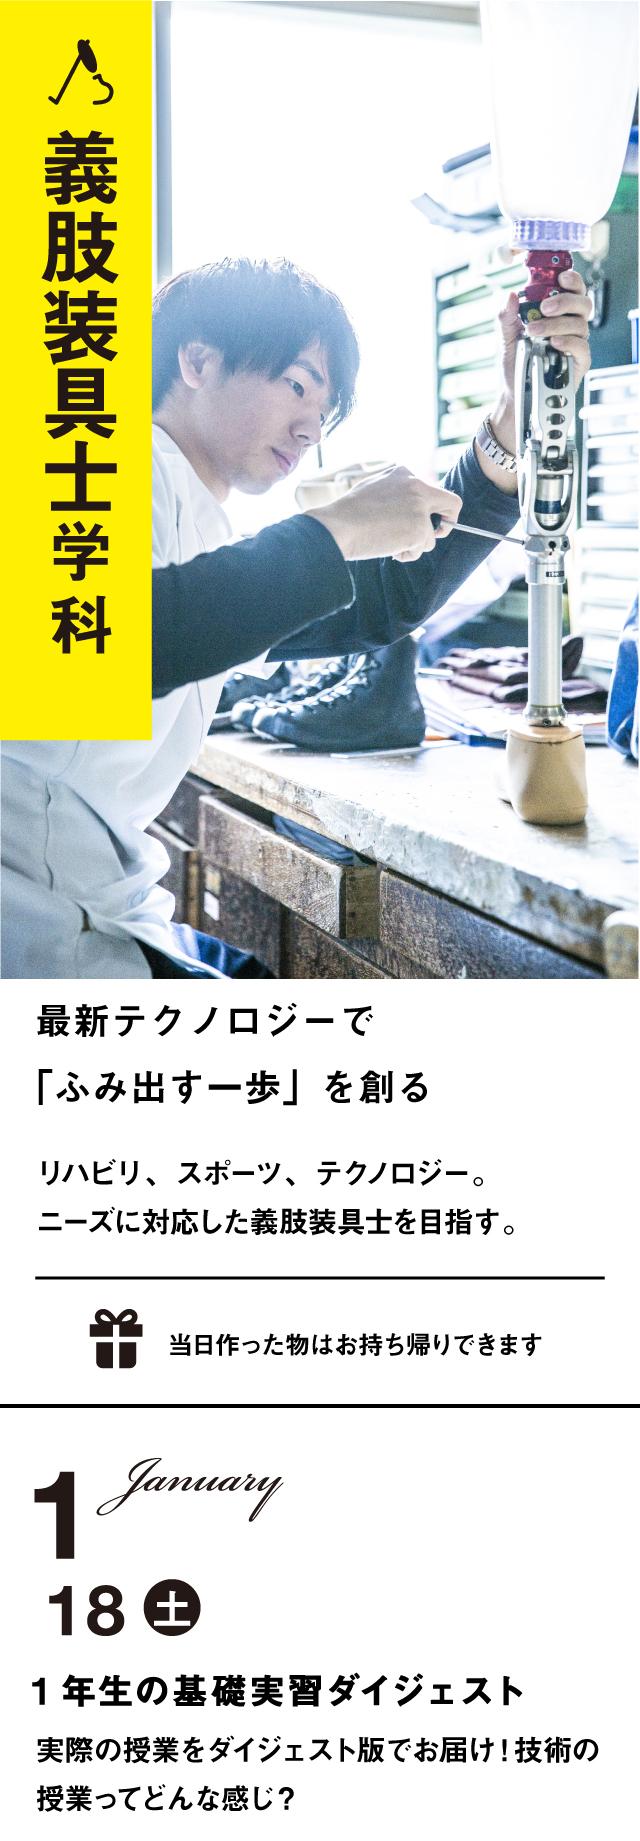 04_義肢装具士_01